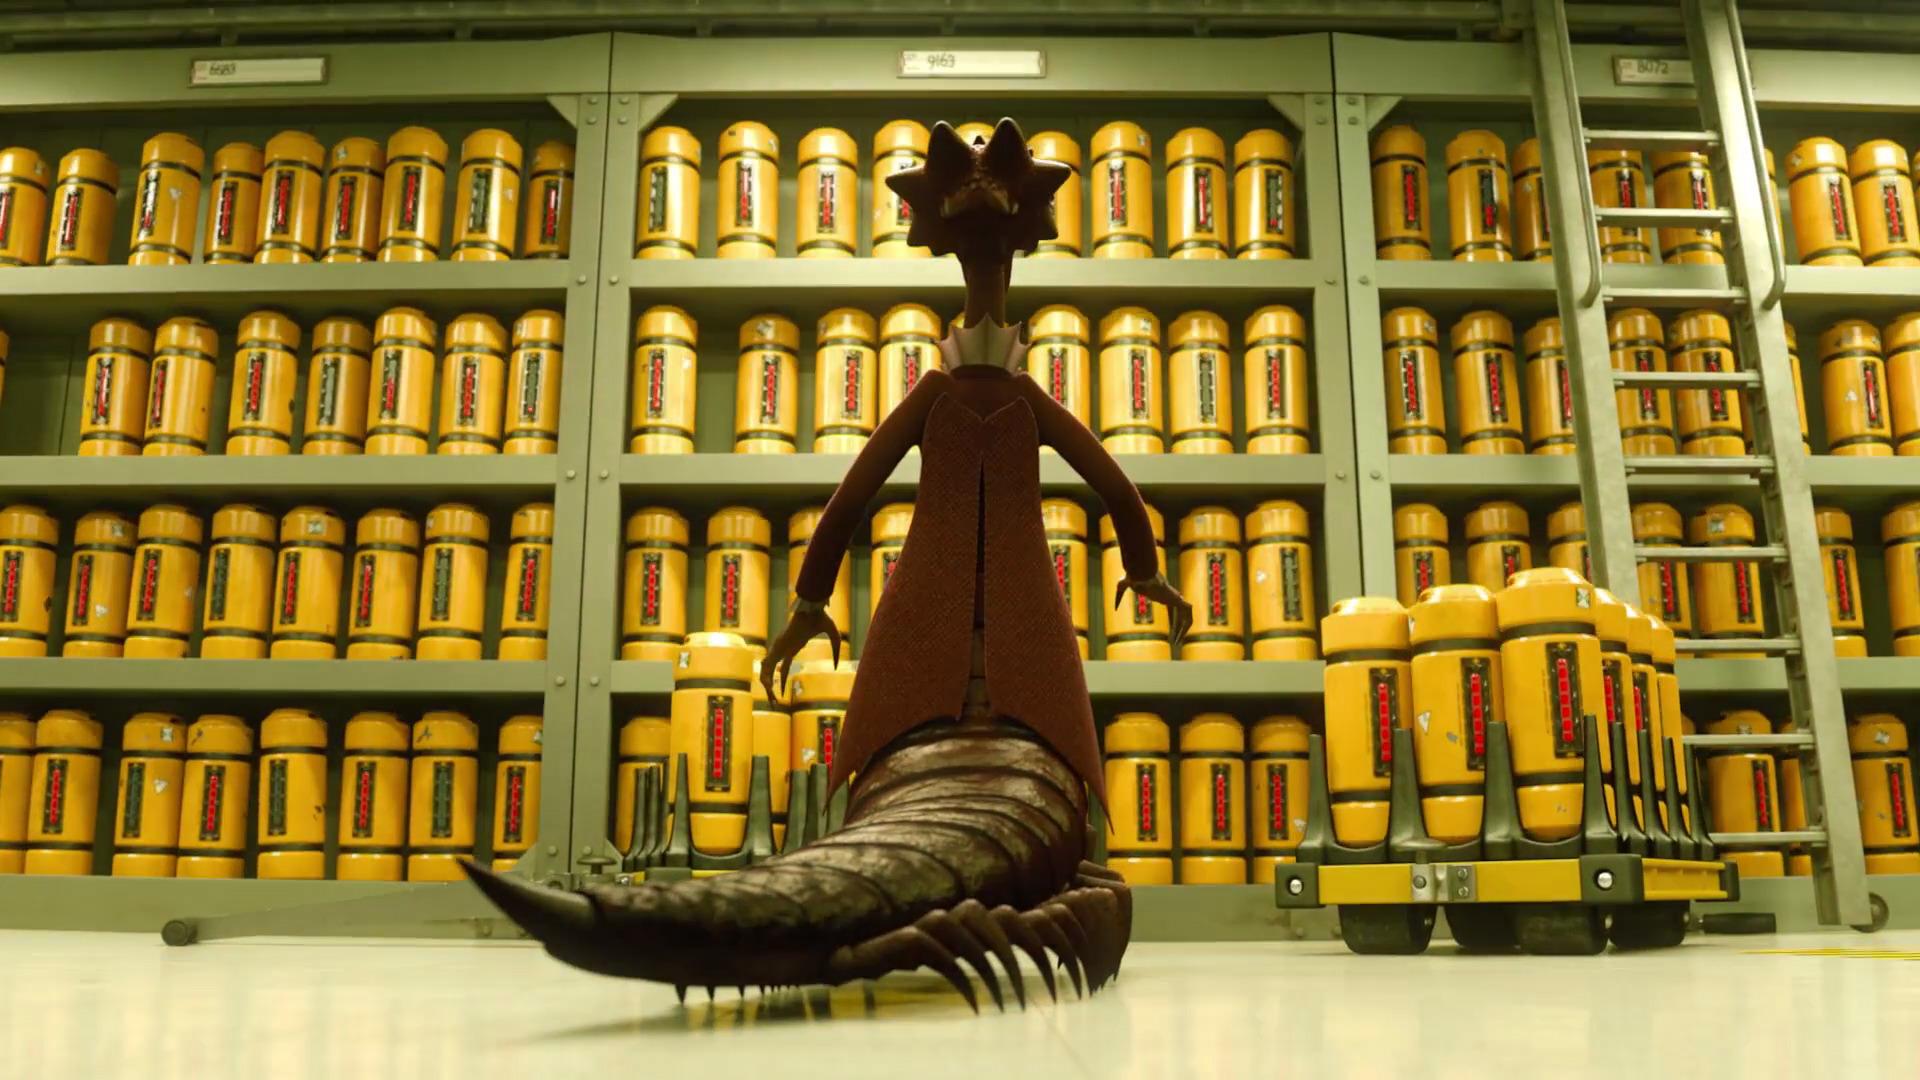 Университет Монстров - уроки выживания в анимационной индустрии